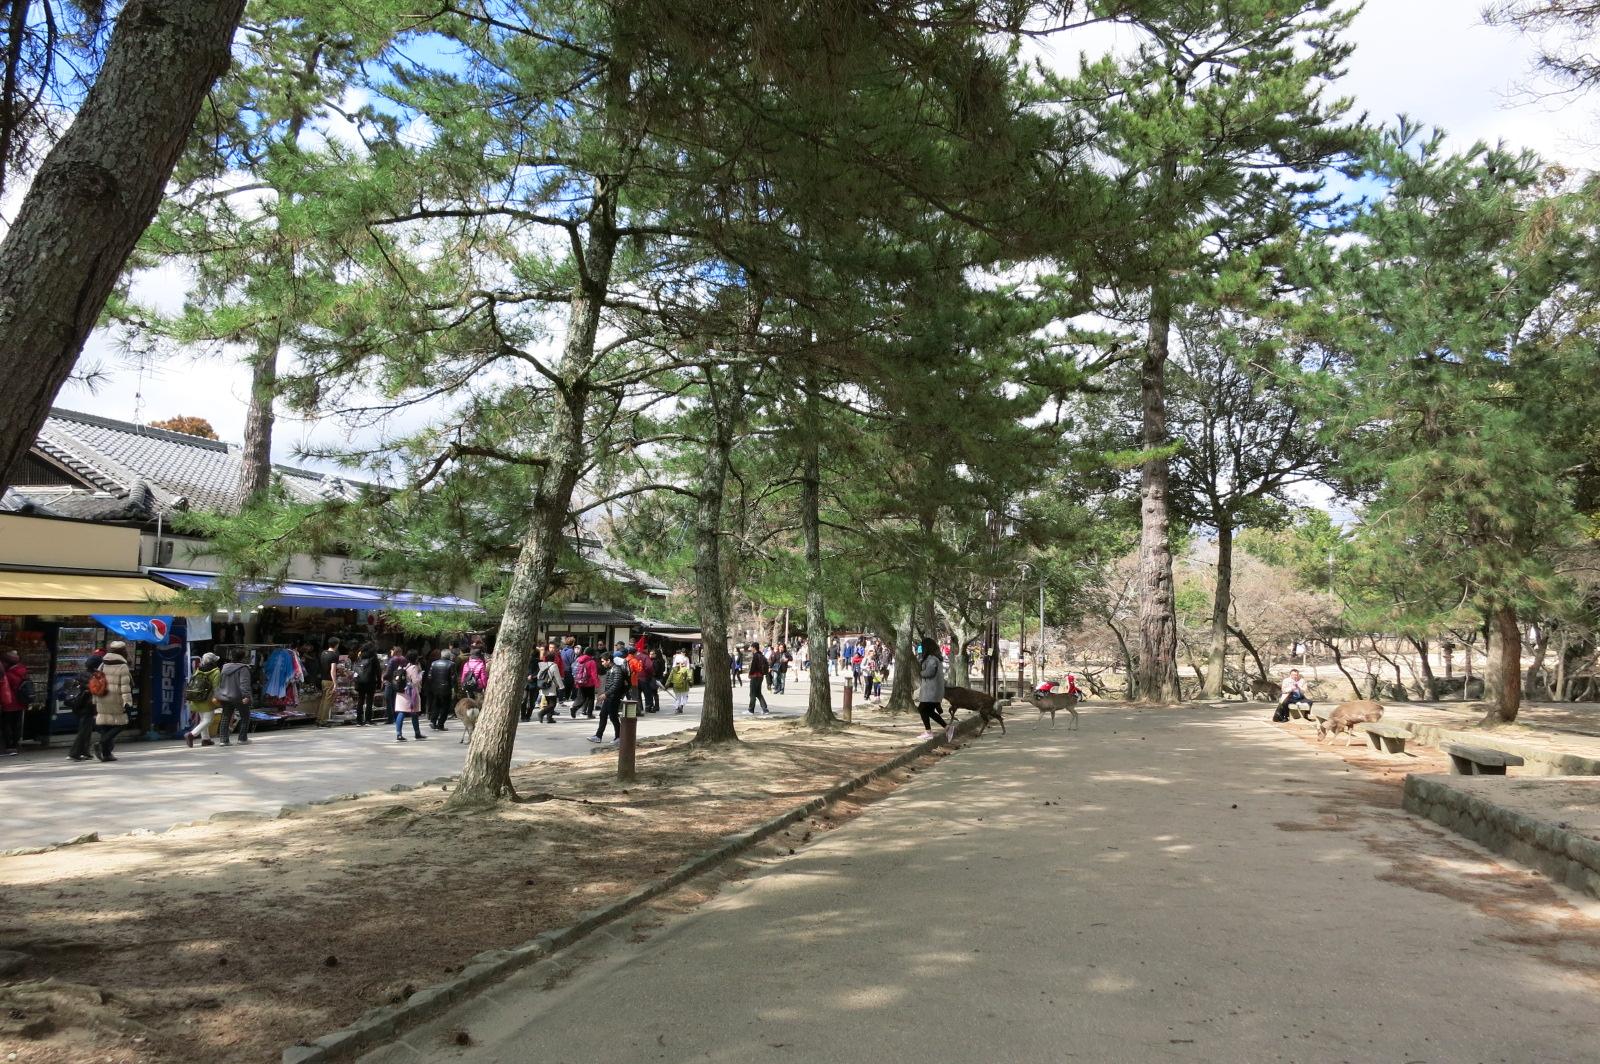 「大仏殿春日大社前」のバス停を降りて、東大寺の参道を歩き、